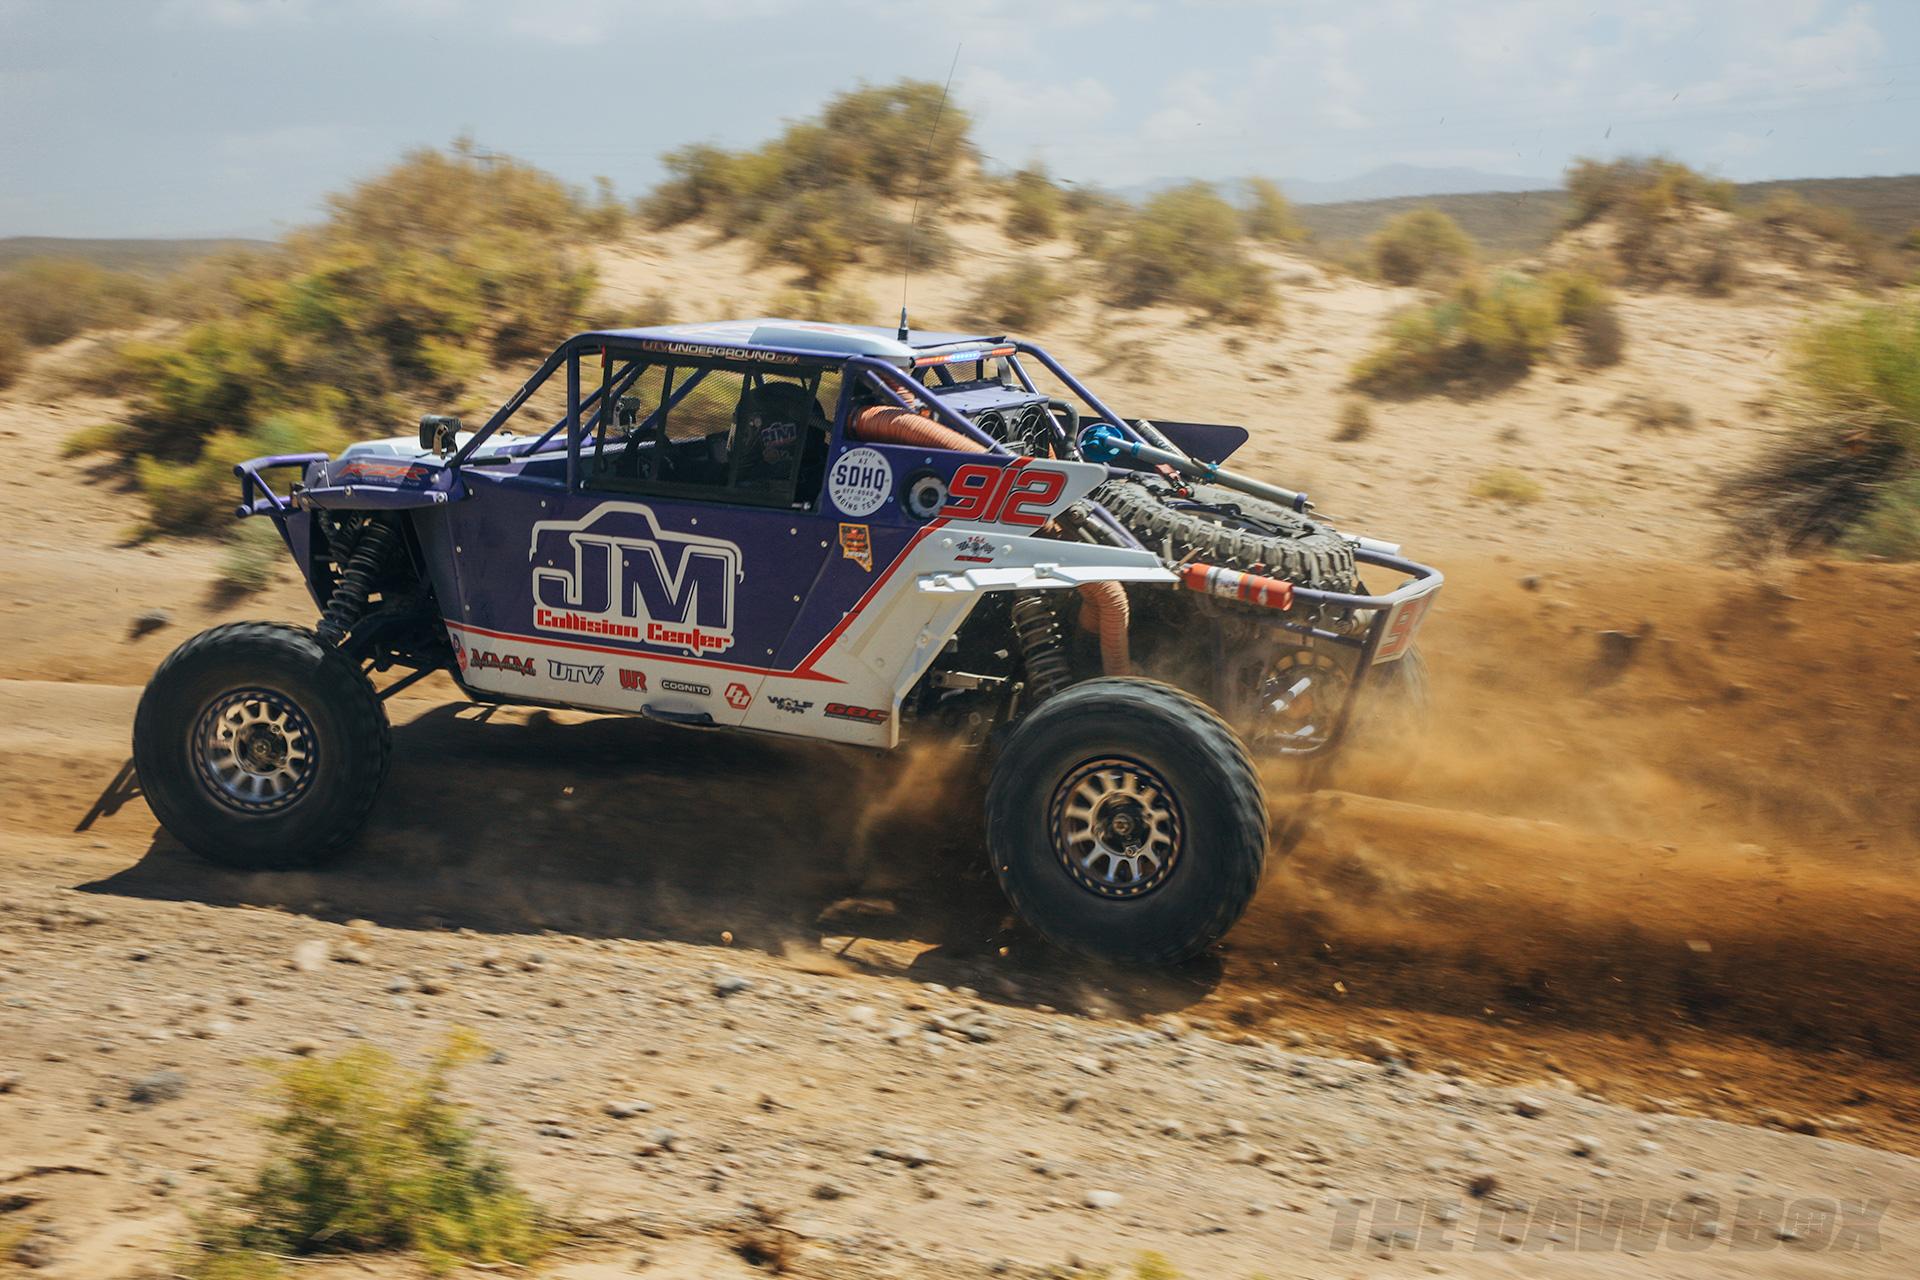 Blue JM Collision Center Rock racer speeding over a desert dirt road